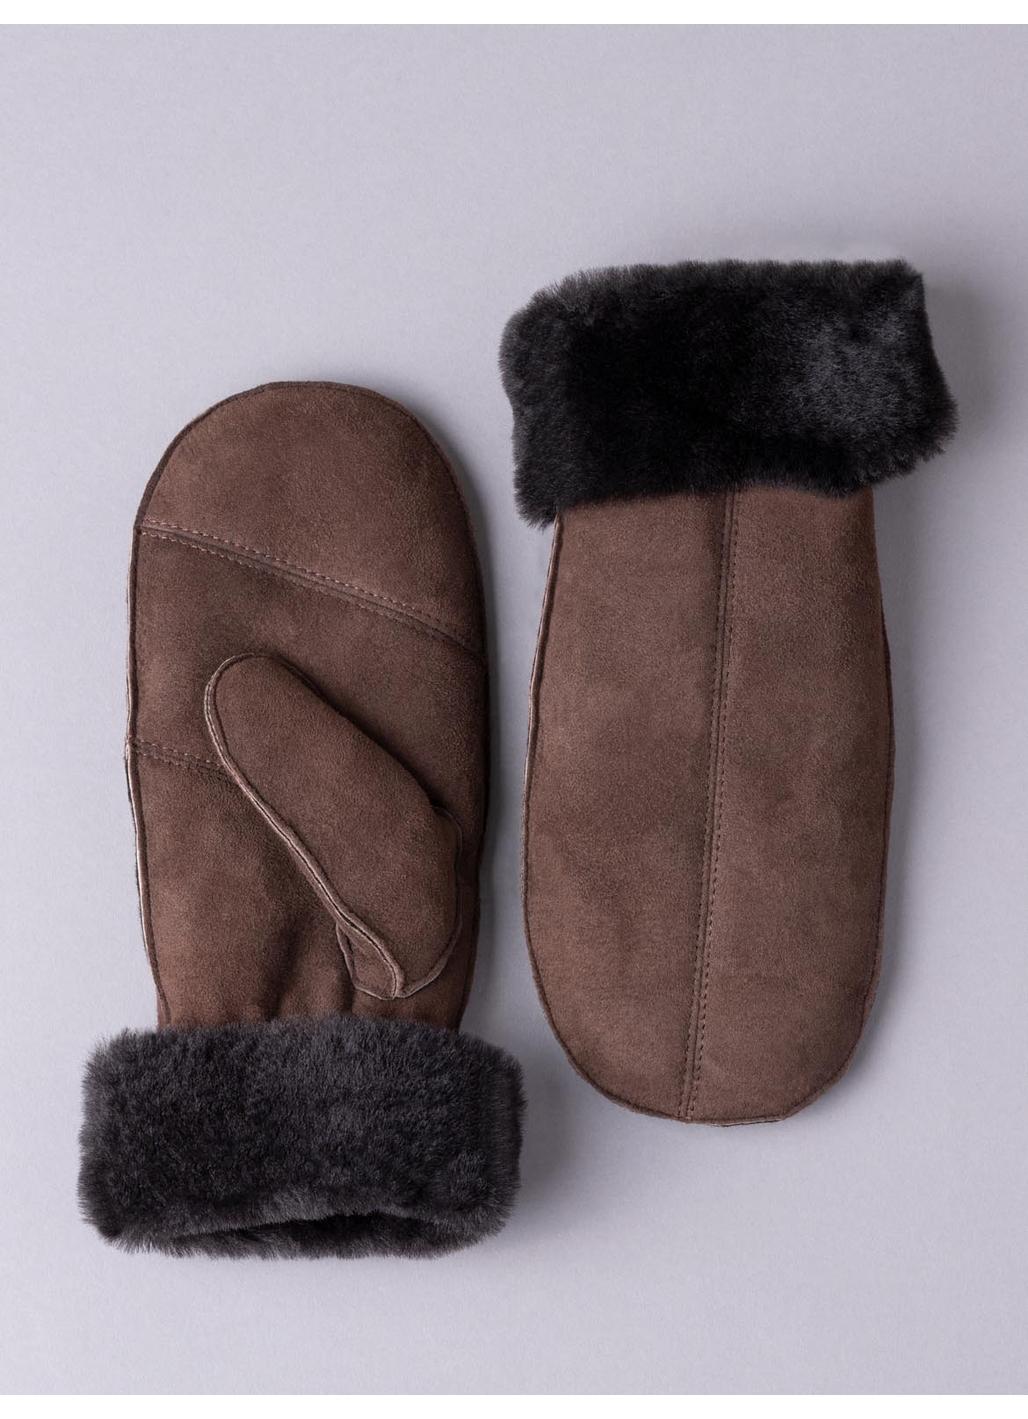 Ladies' Sheepskin Mittens with Seam in Dark Brown